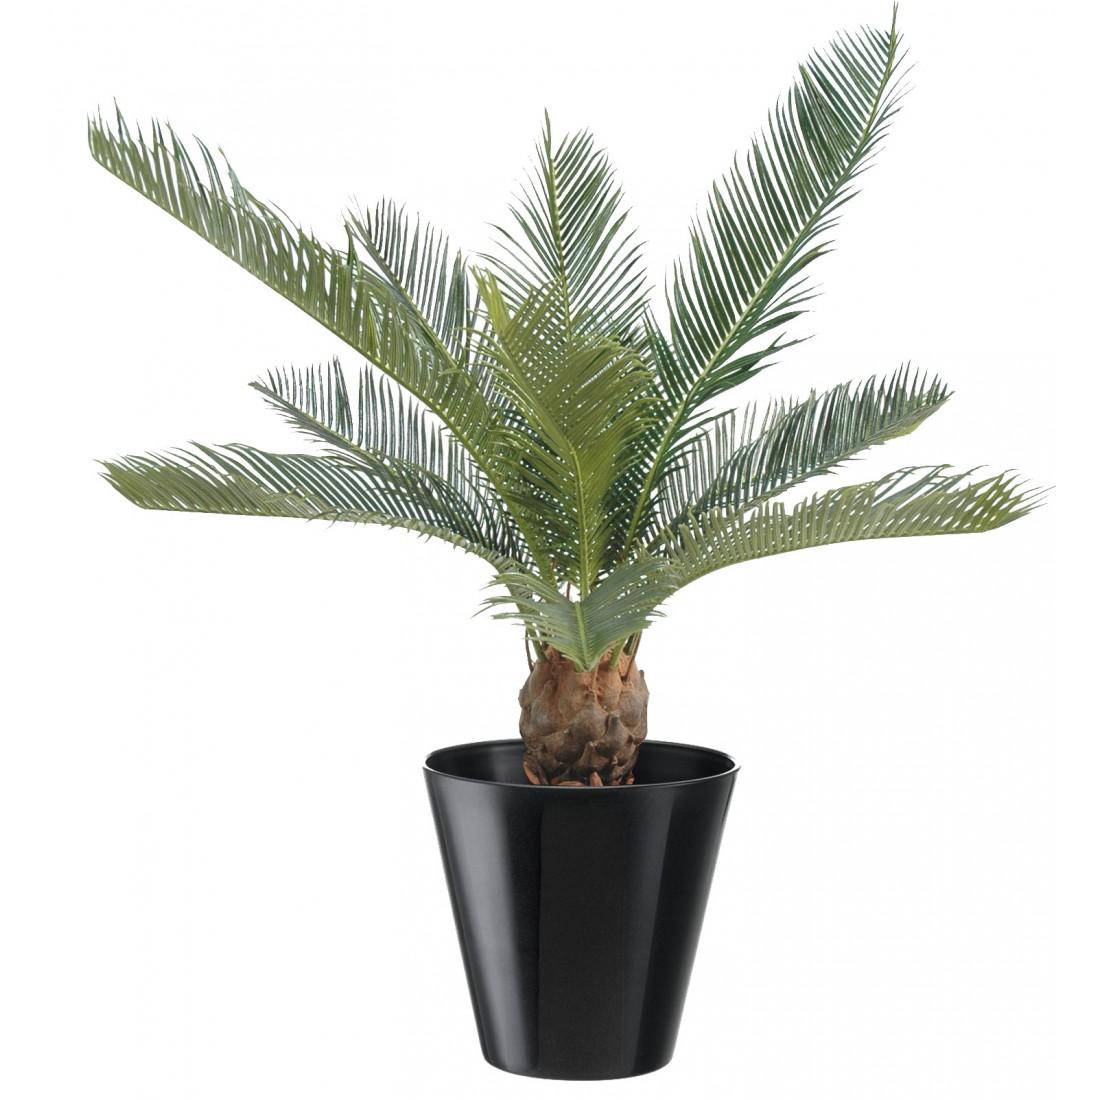 Palmier artificiel for Plantes exotiques artificielles